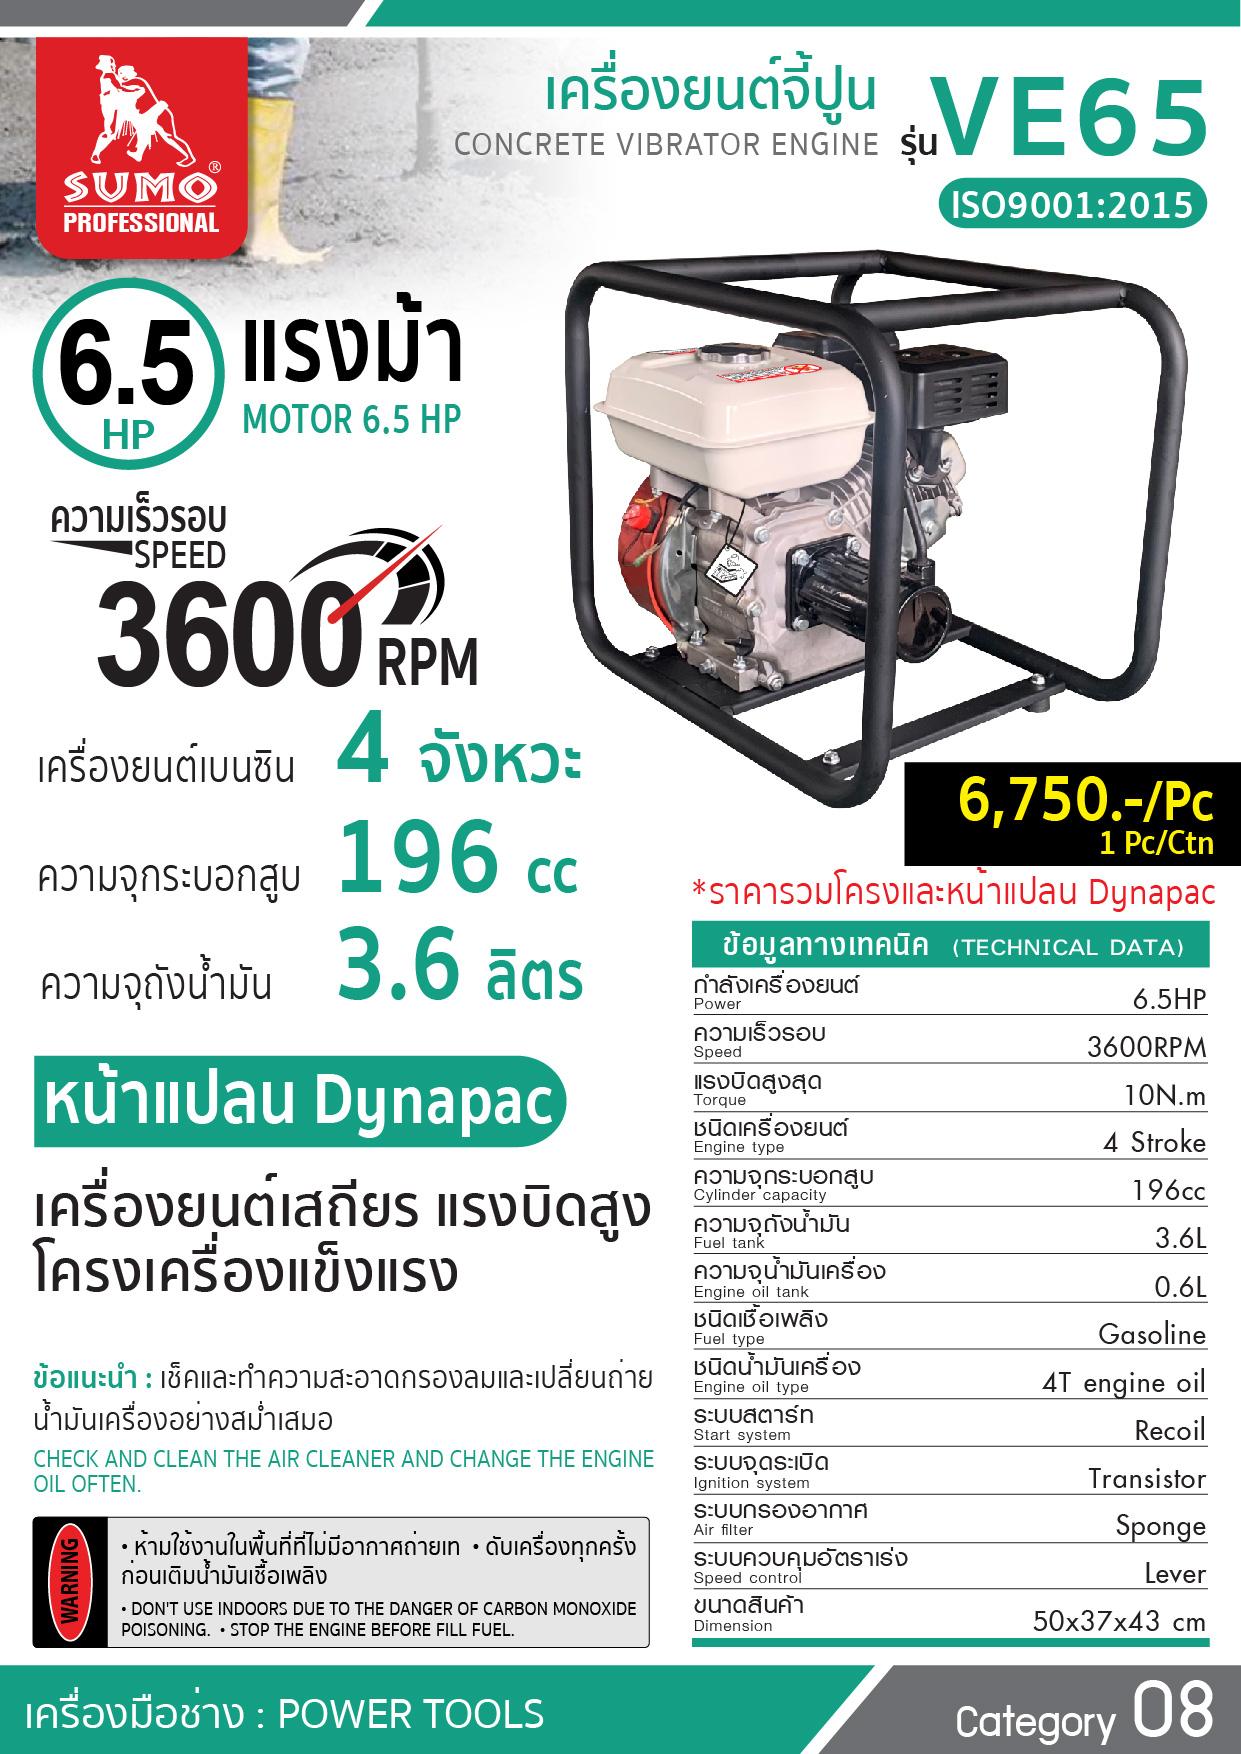 (1/390) เครื่องยนต์จี้ปูน VE65